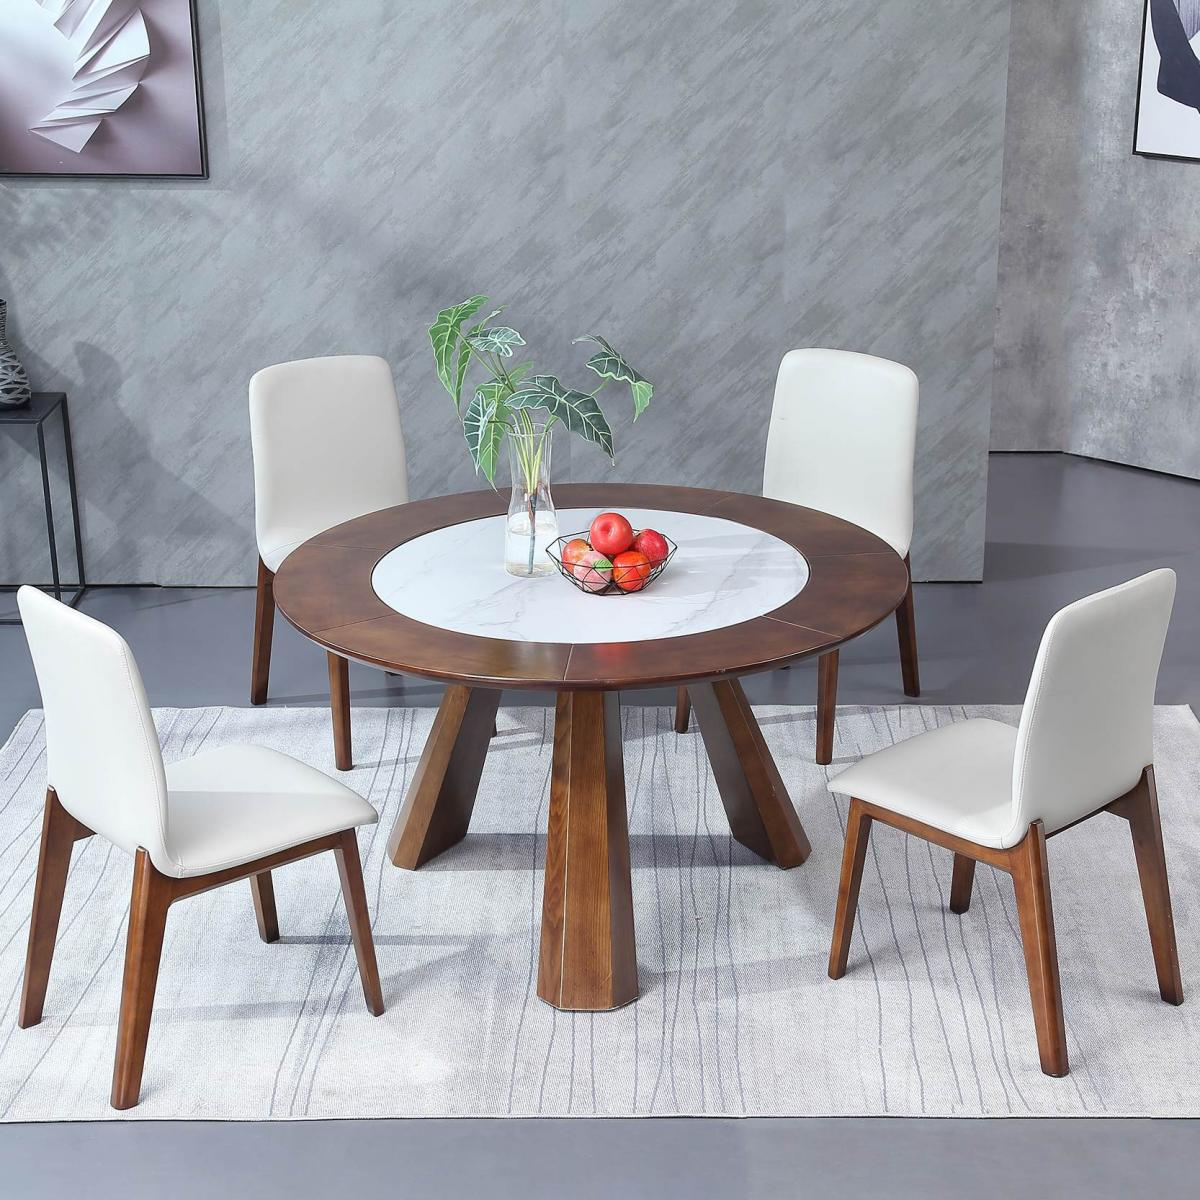 北欧岩板餐桌椅组合简约现代轻奢大理石伸缩折叠饭桌实木圆形餐桌